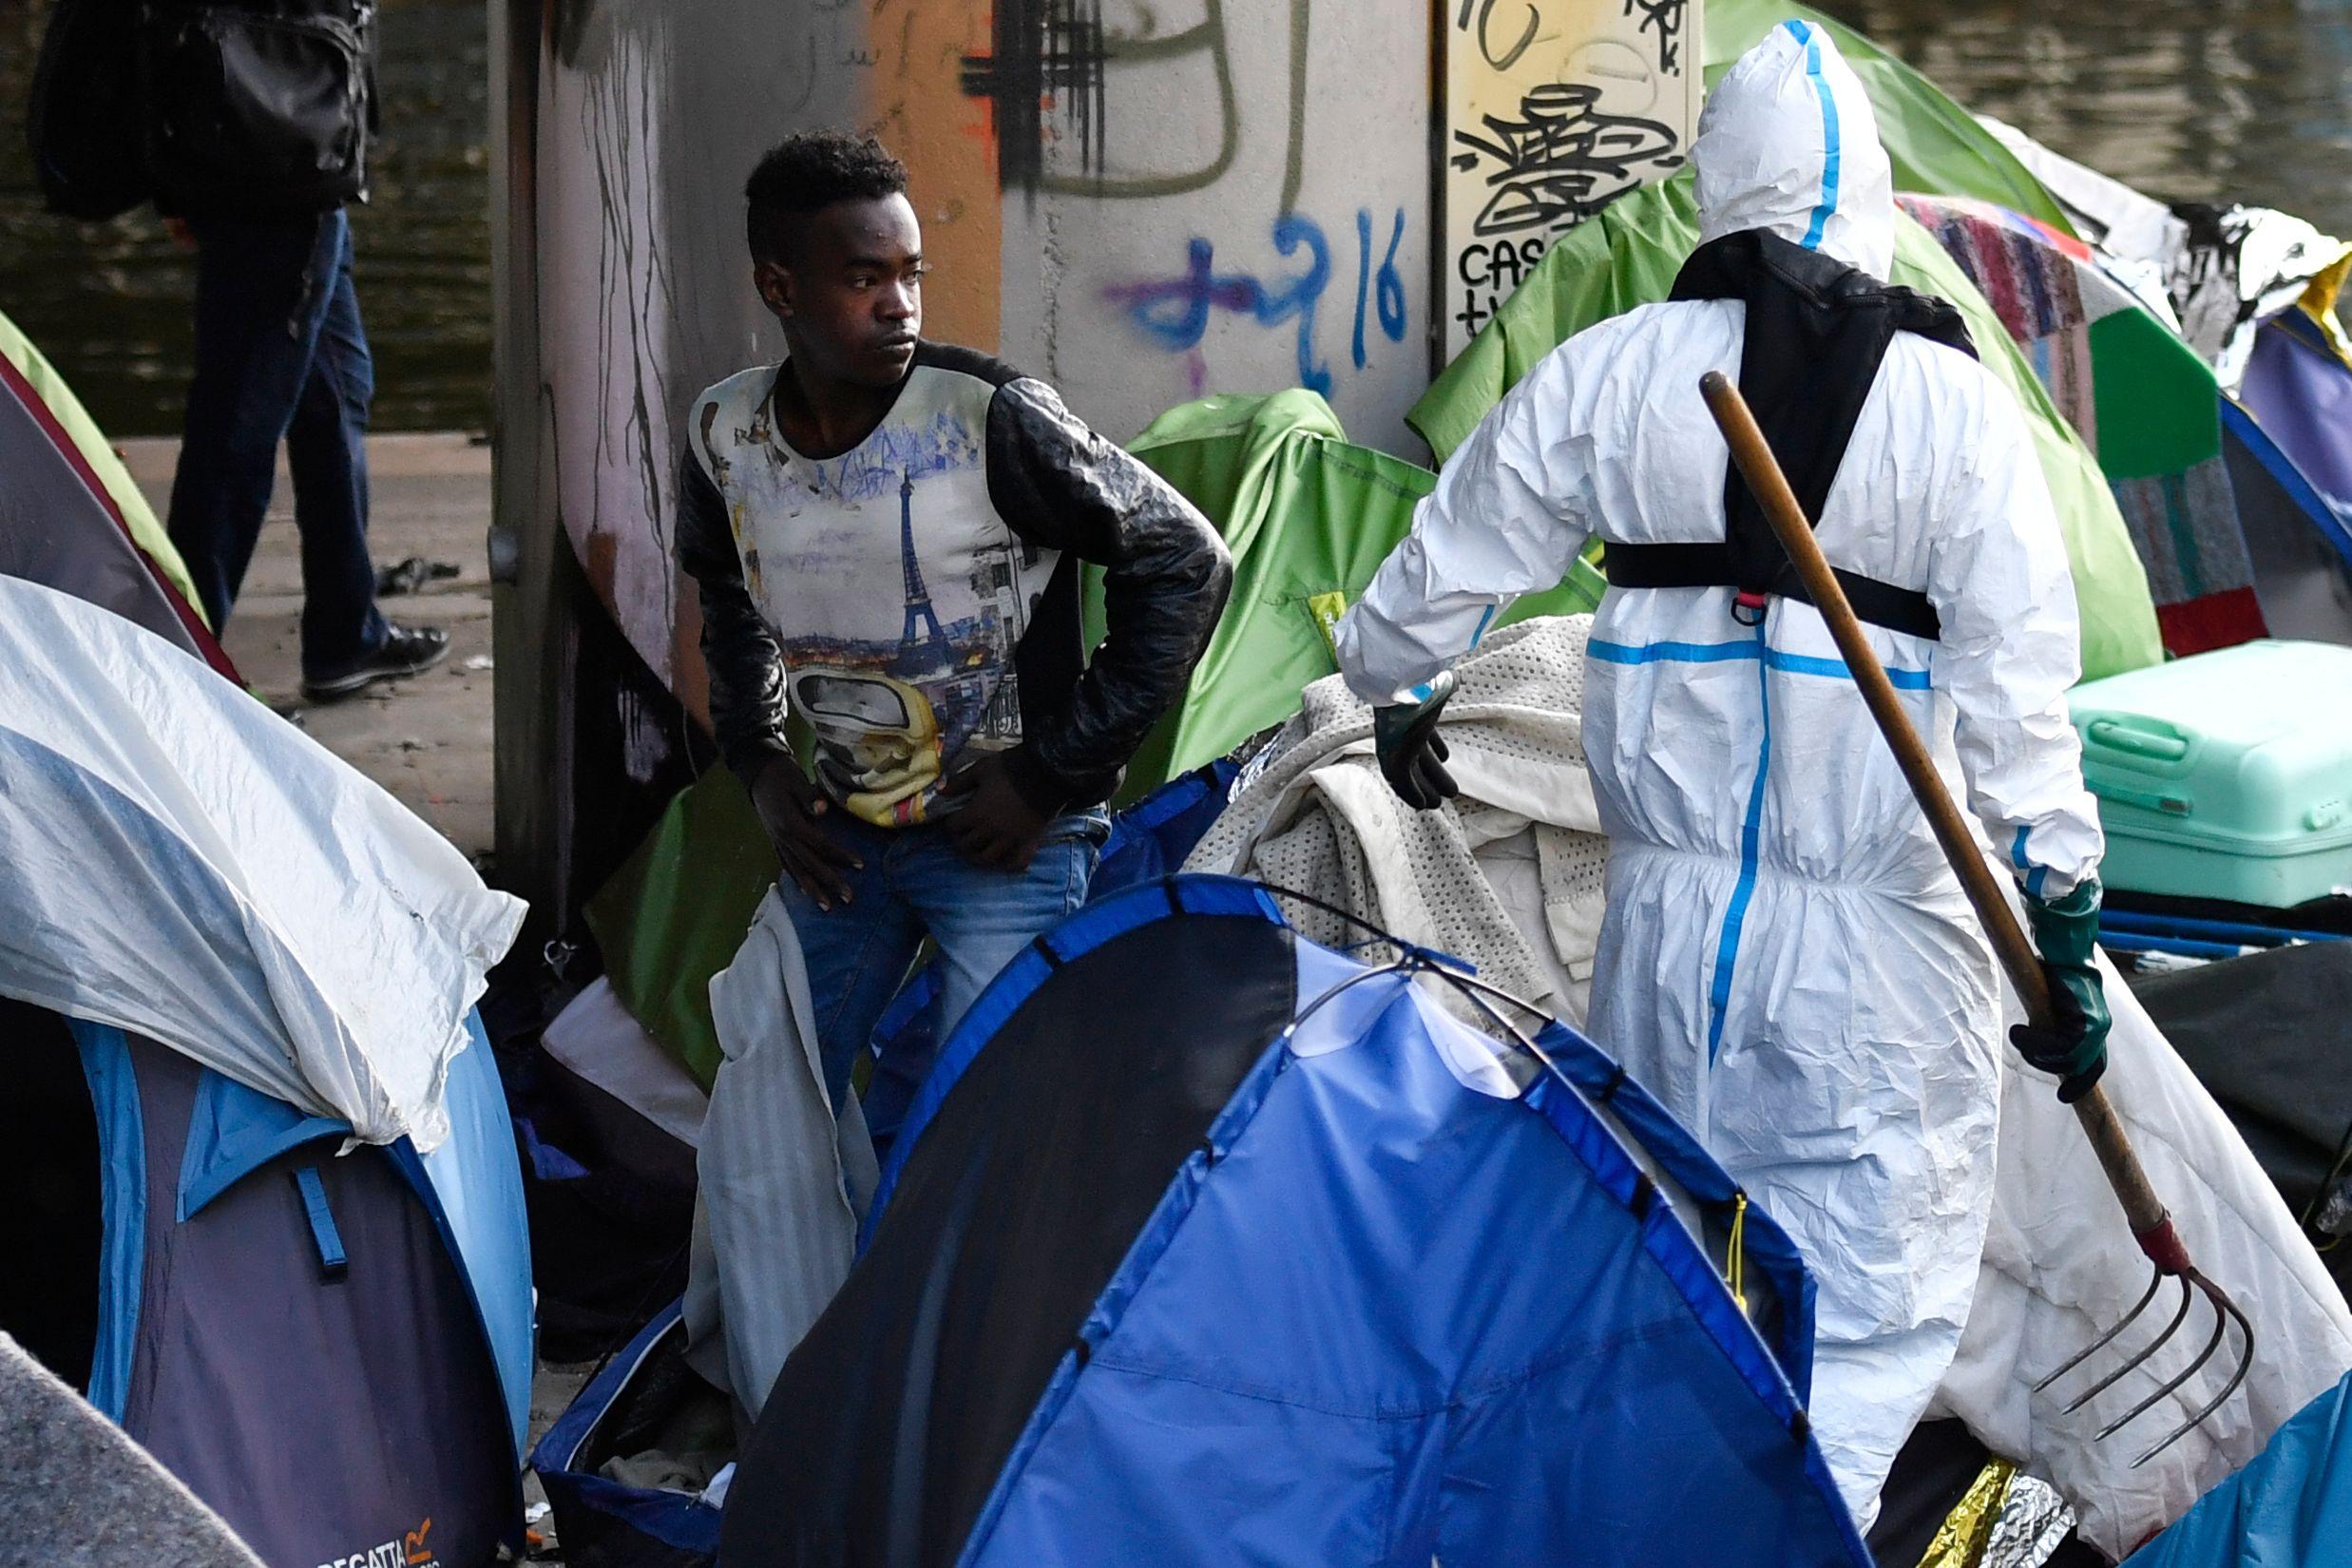 تنظيف موقع خيام المهاجرين فى باريس عقب اخلائها